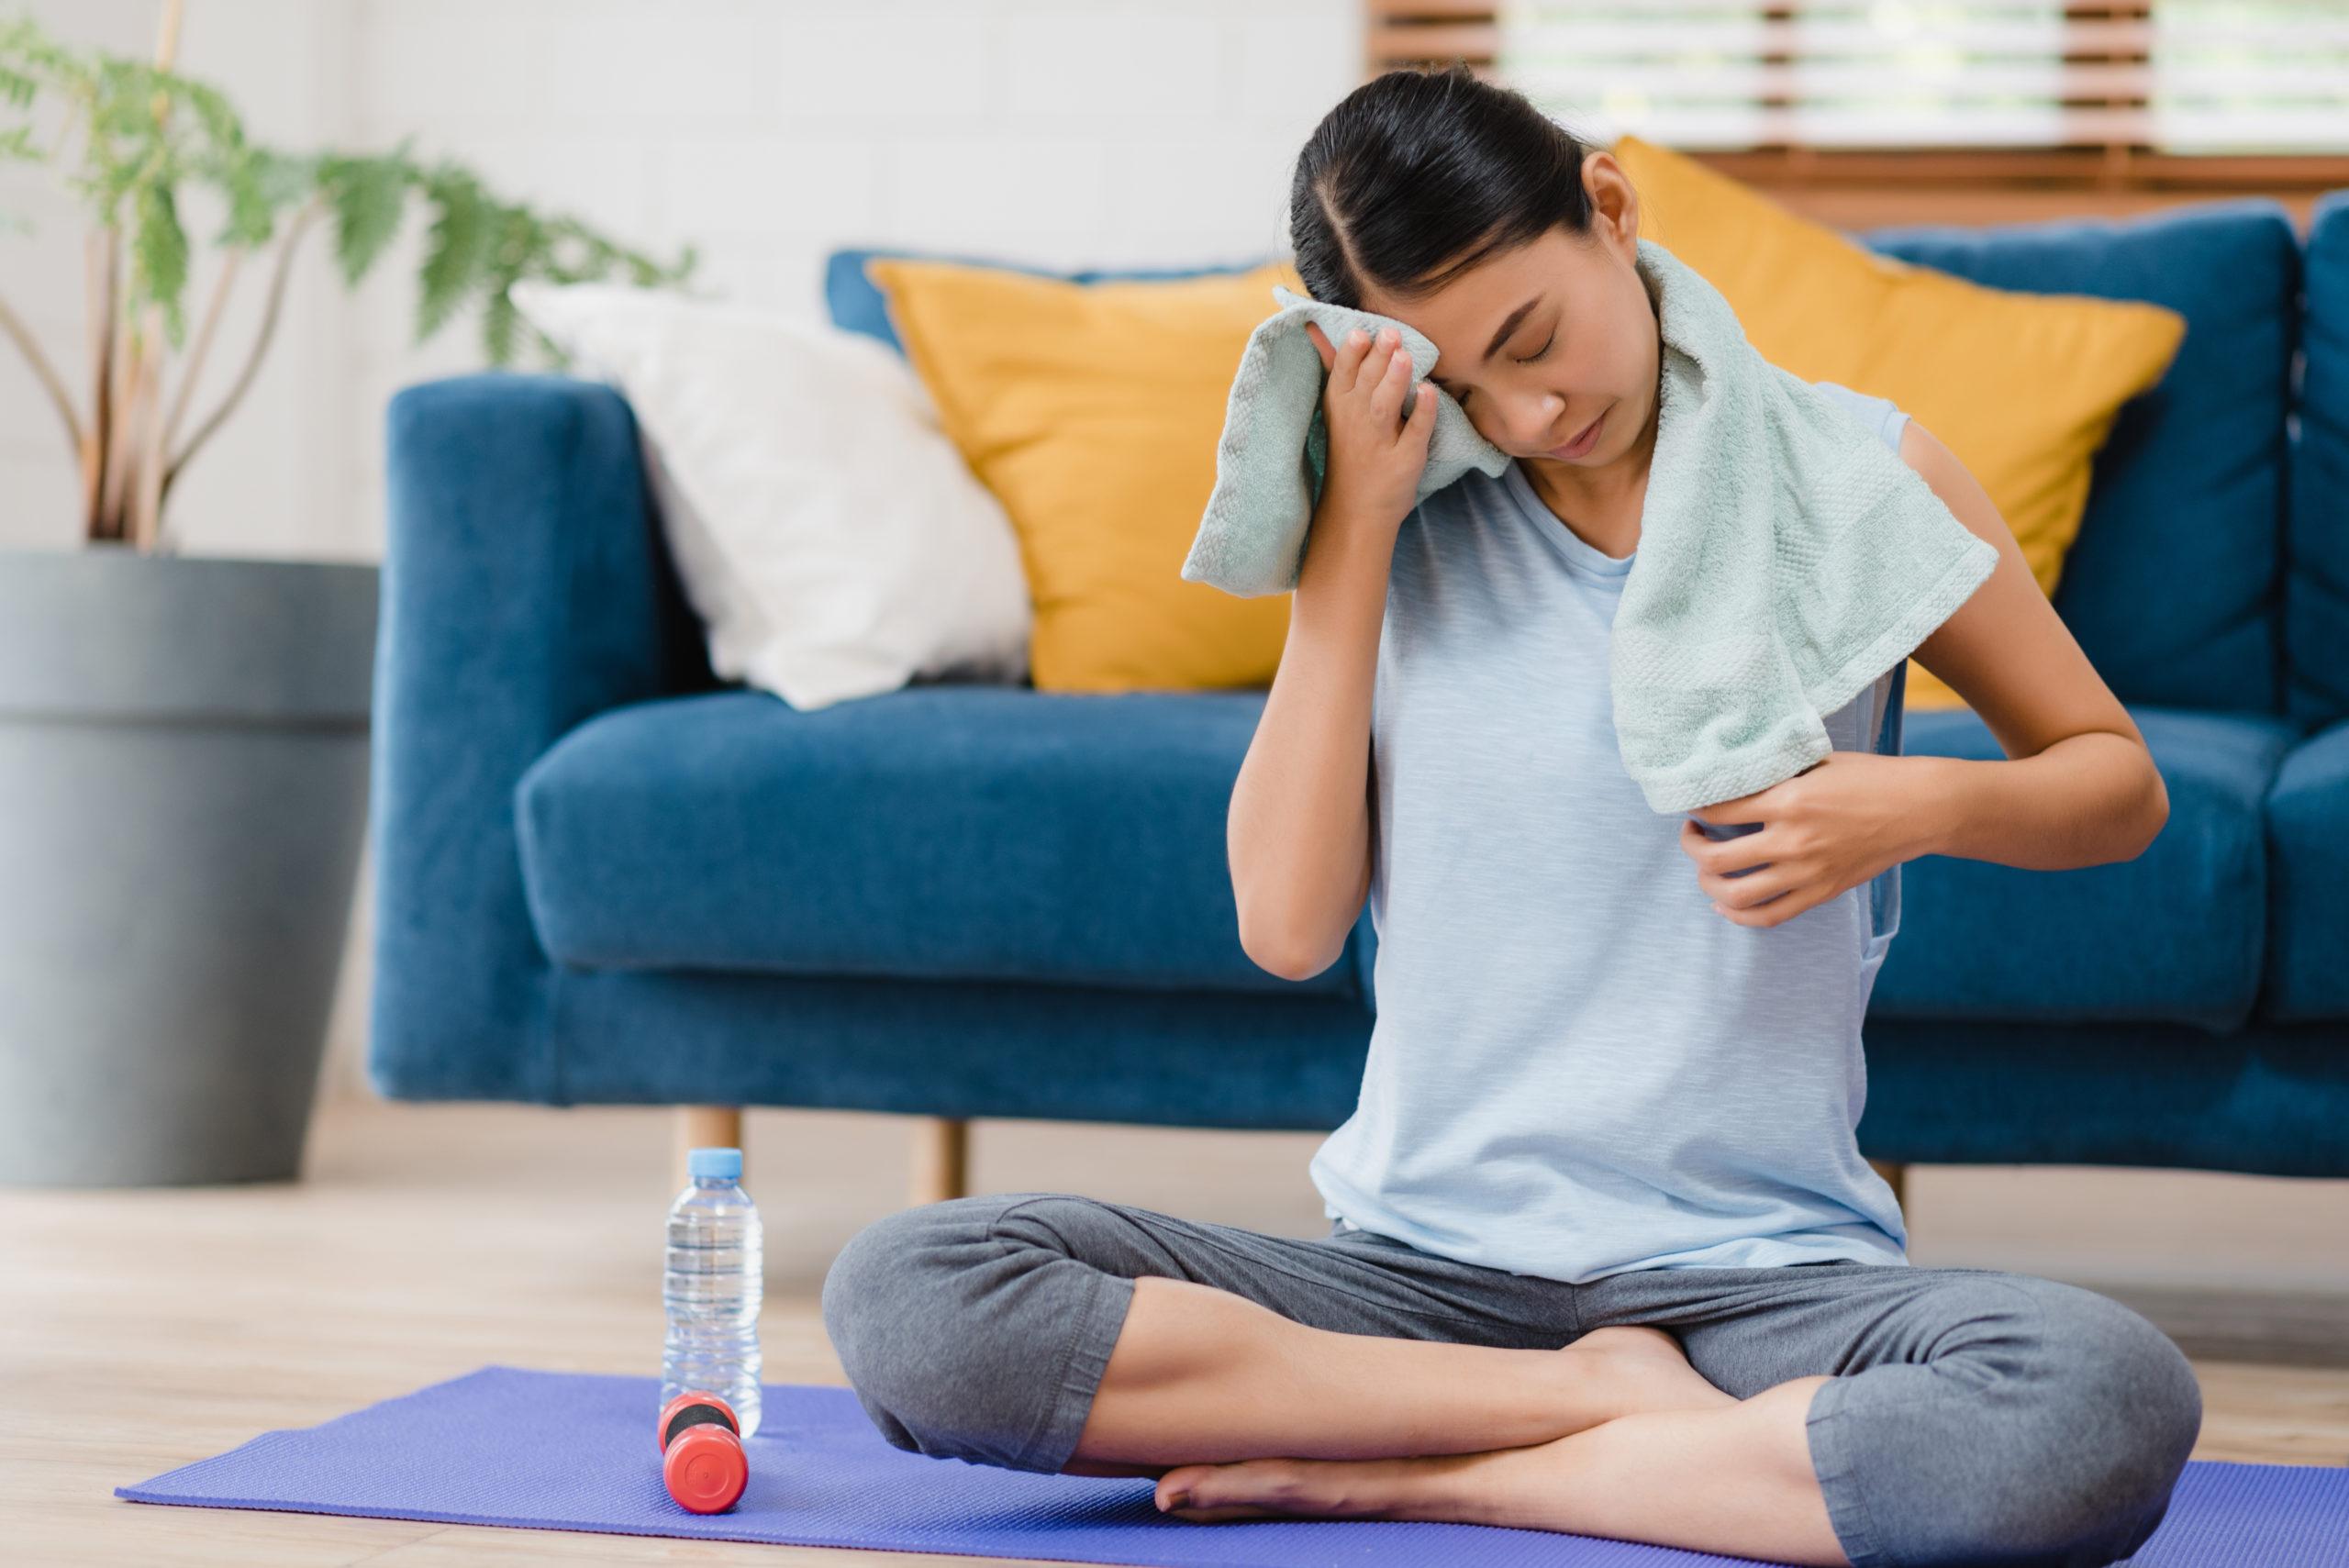 Confira 5 exercícios para fazer no sofá da sua casa - Campinas Cafe